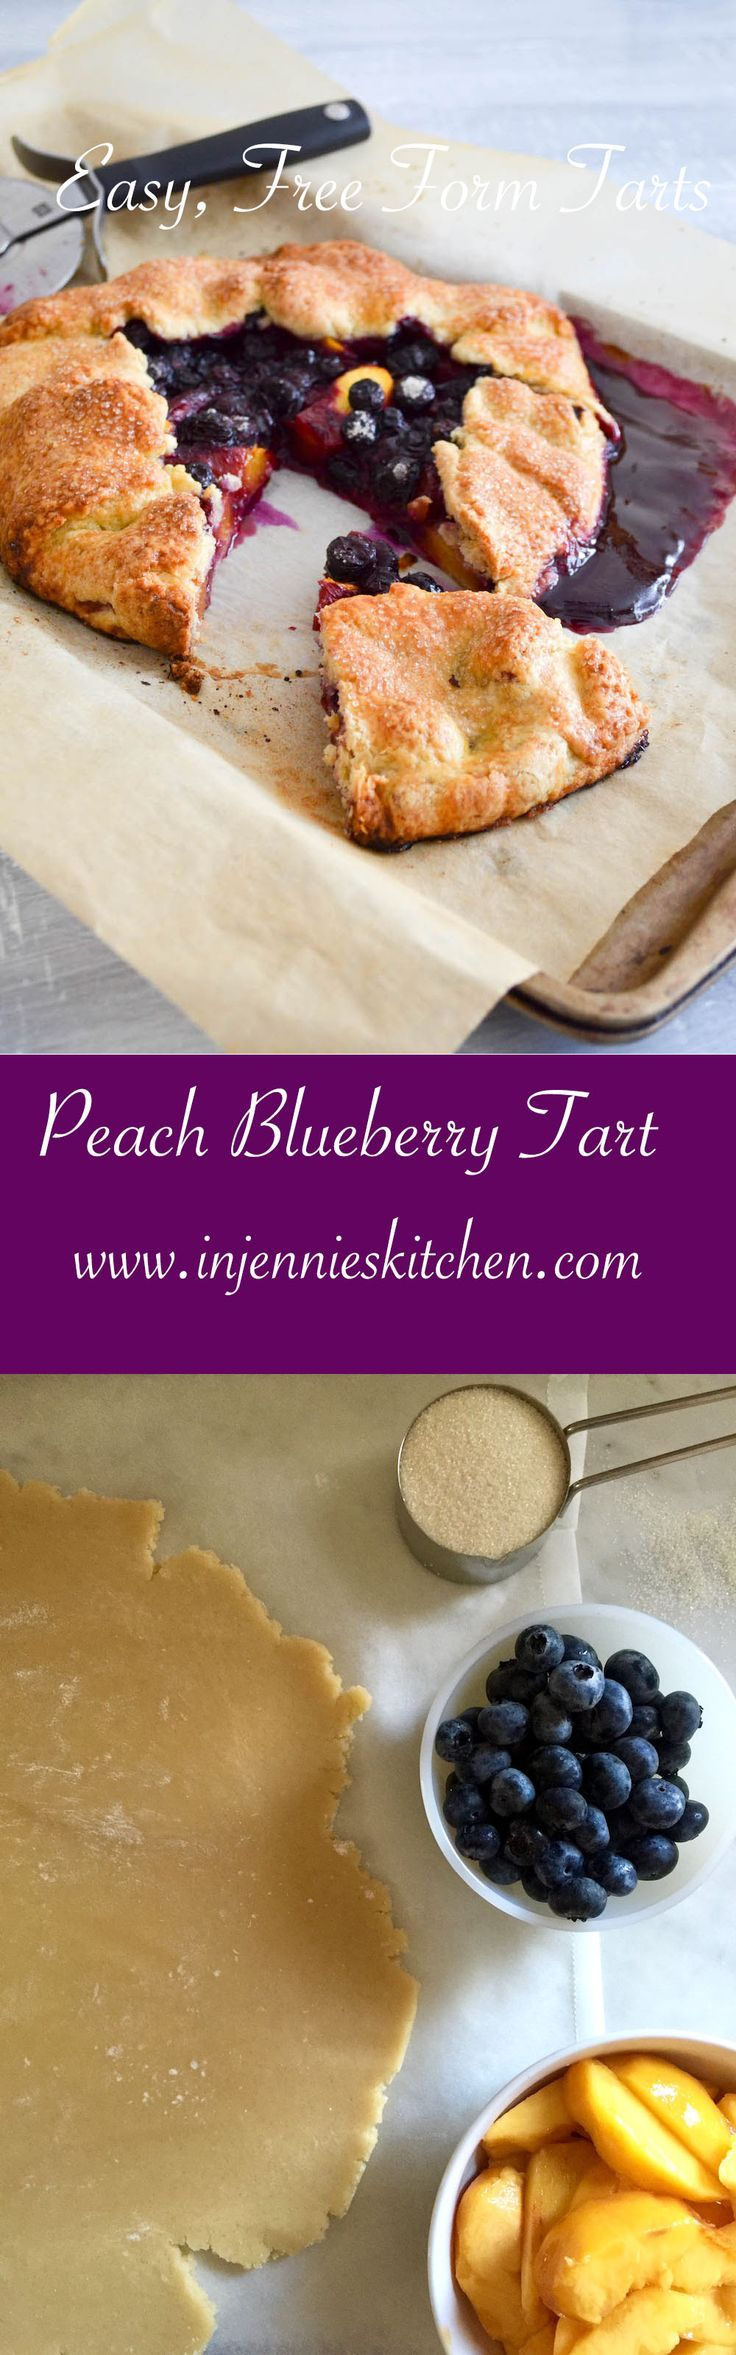 Pfirsich-Blaubeer-Torte